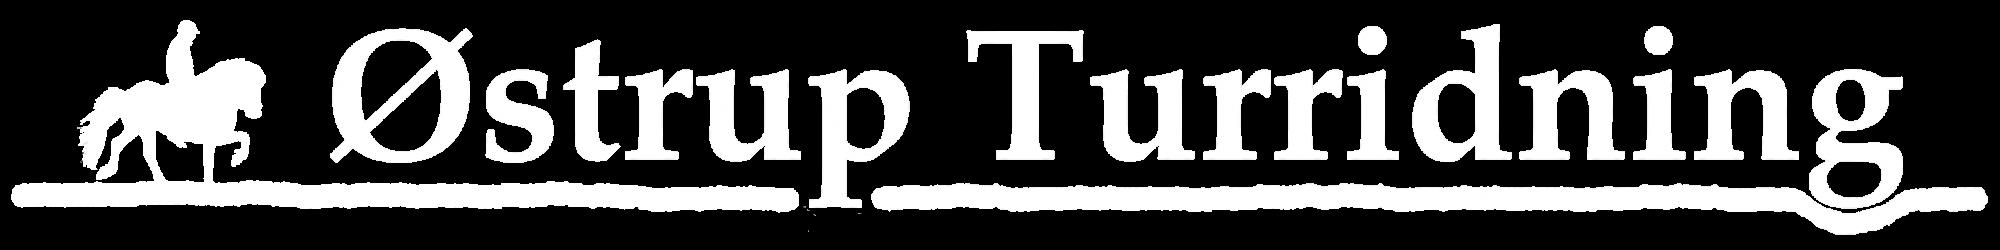 Østrup Turridning